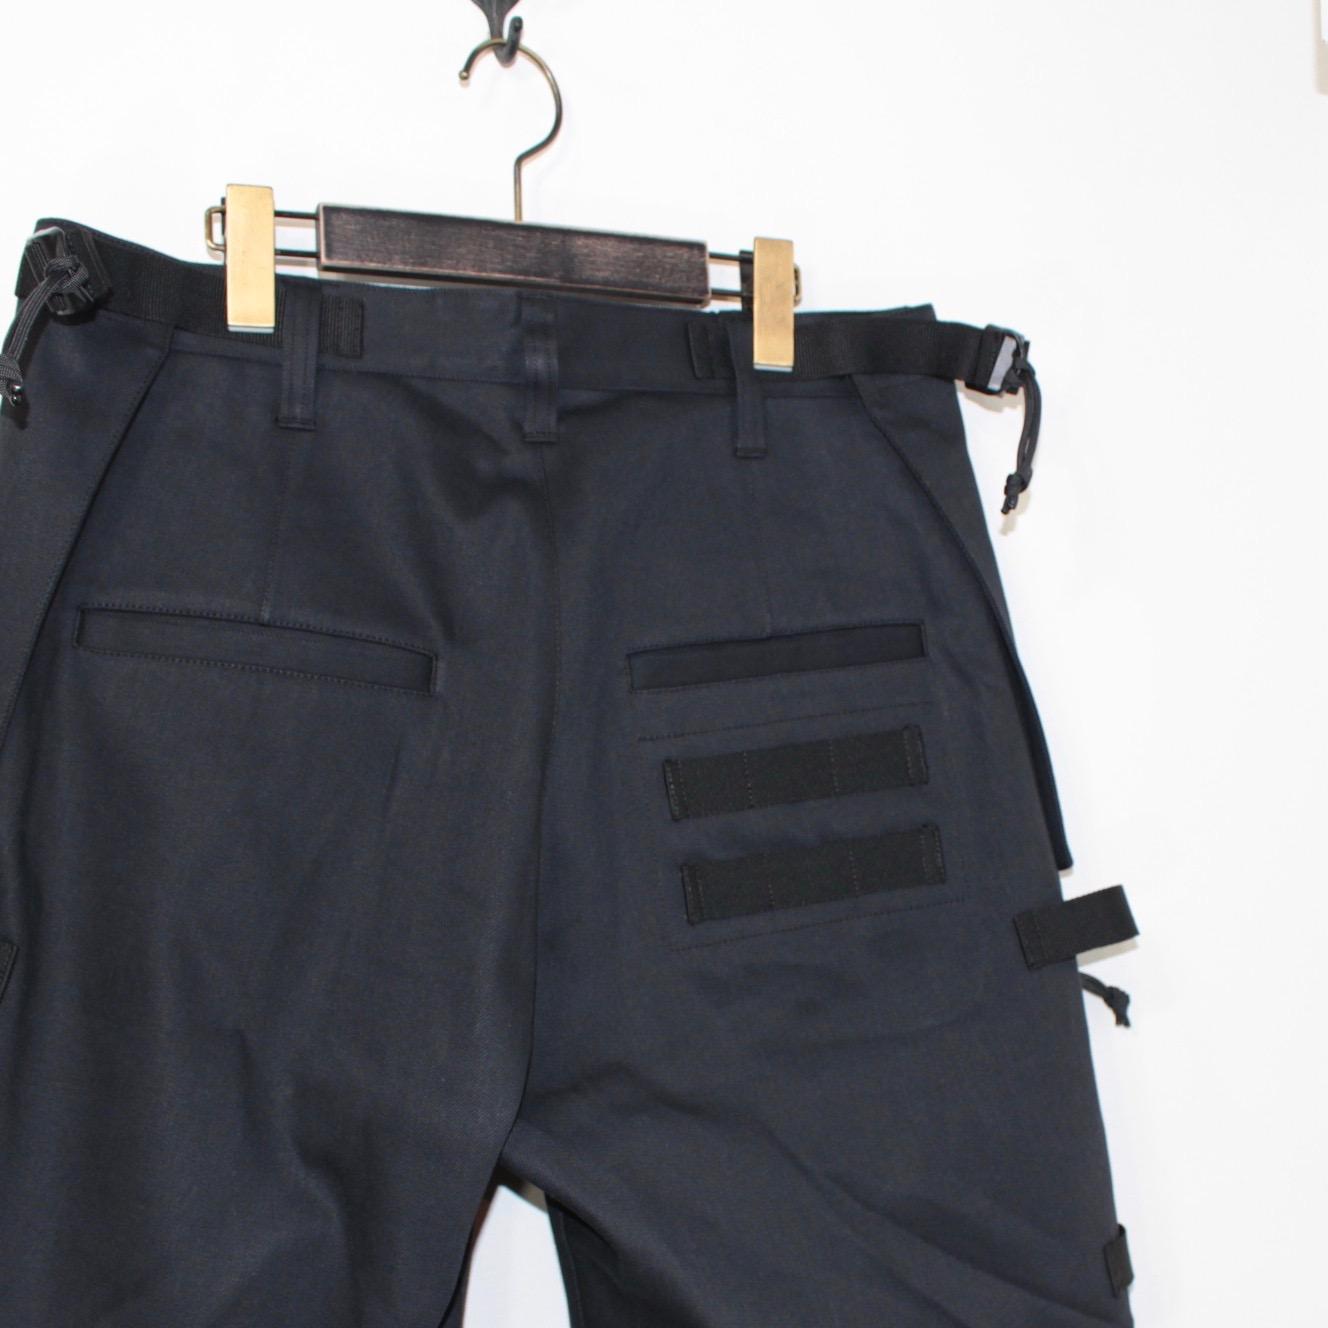 MOUT RECON TAILOR×Wild Things(マウトリーコンテーラー×ワイルドシングス)    Jet Black Denim Shell Short(ジェットブラックデニム シェルショーツ)